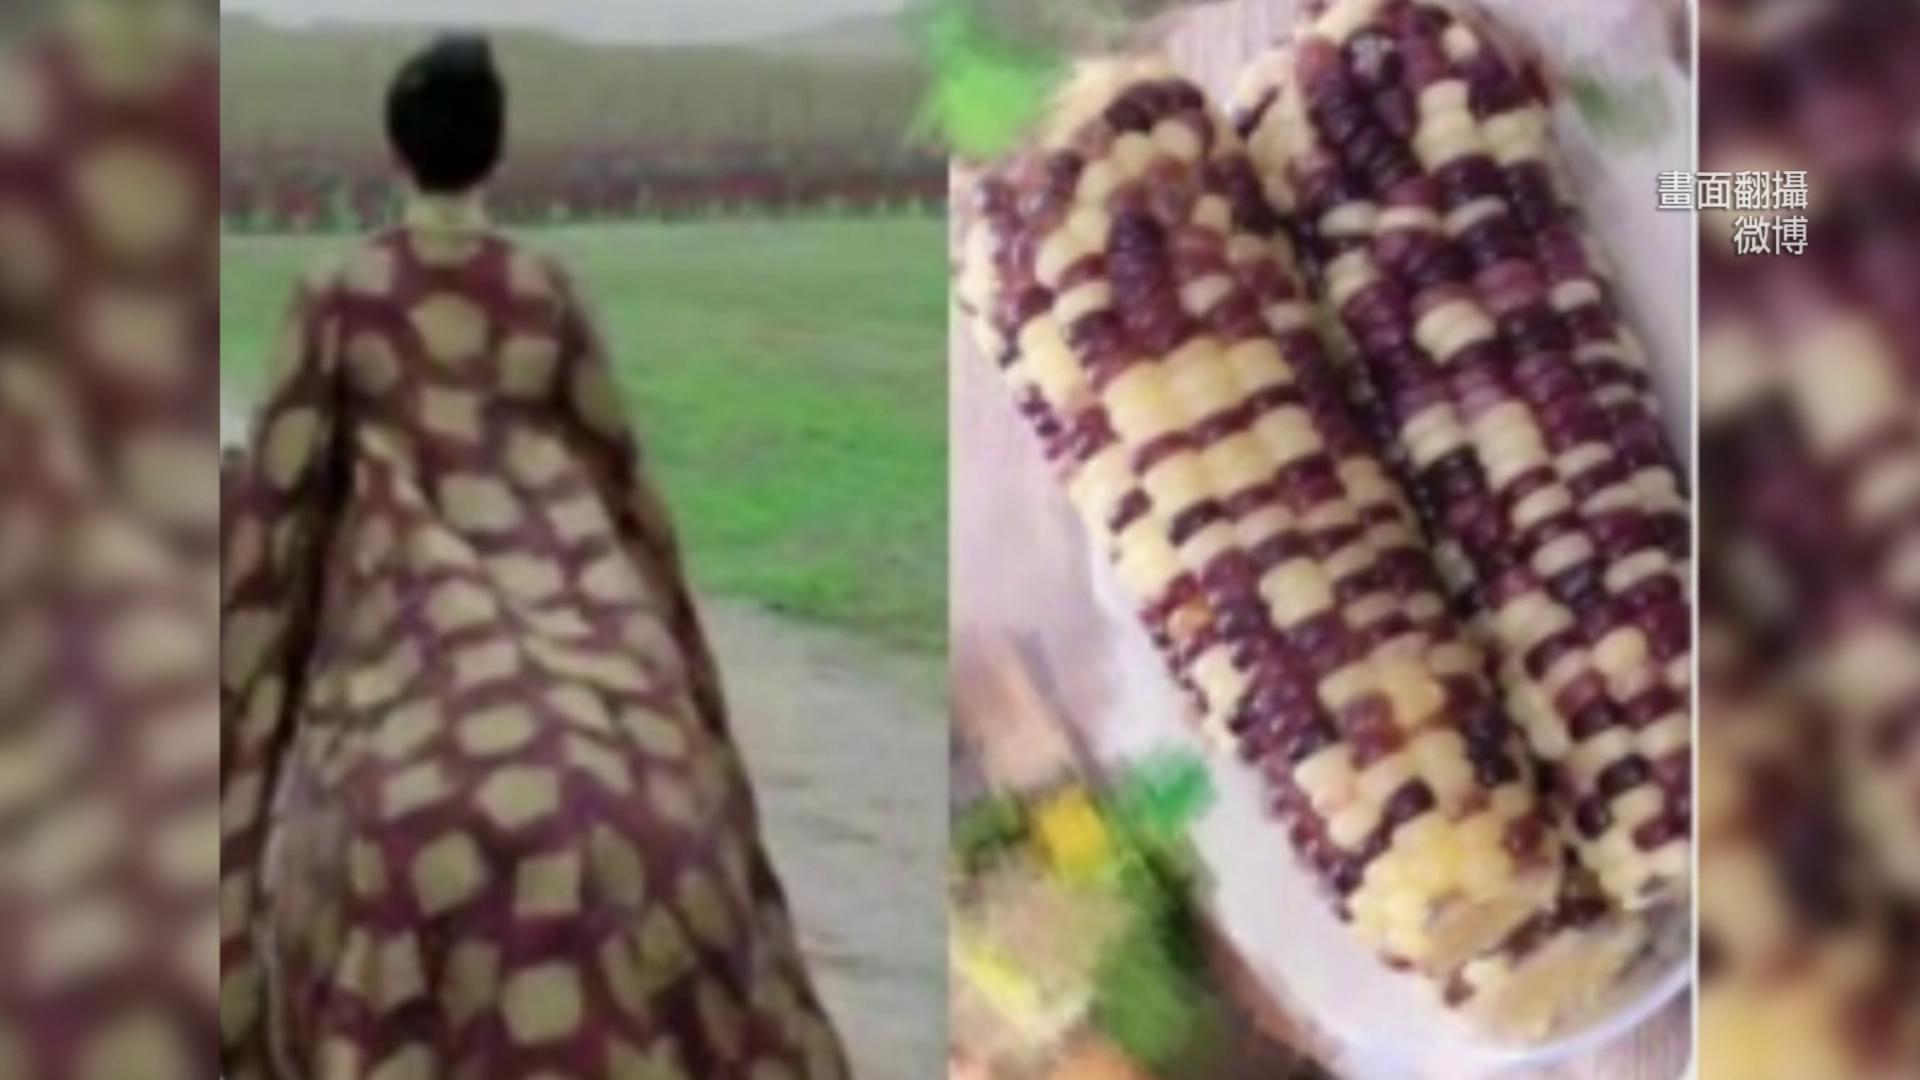 《上陽賦》造型「撞衫」糯玉米 章子怡自嘲:要笑著活下去